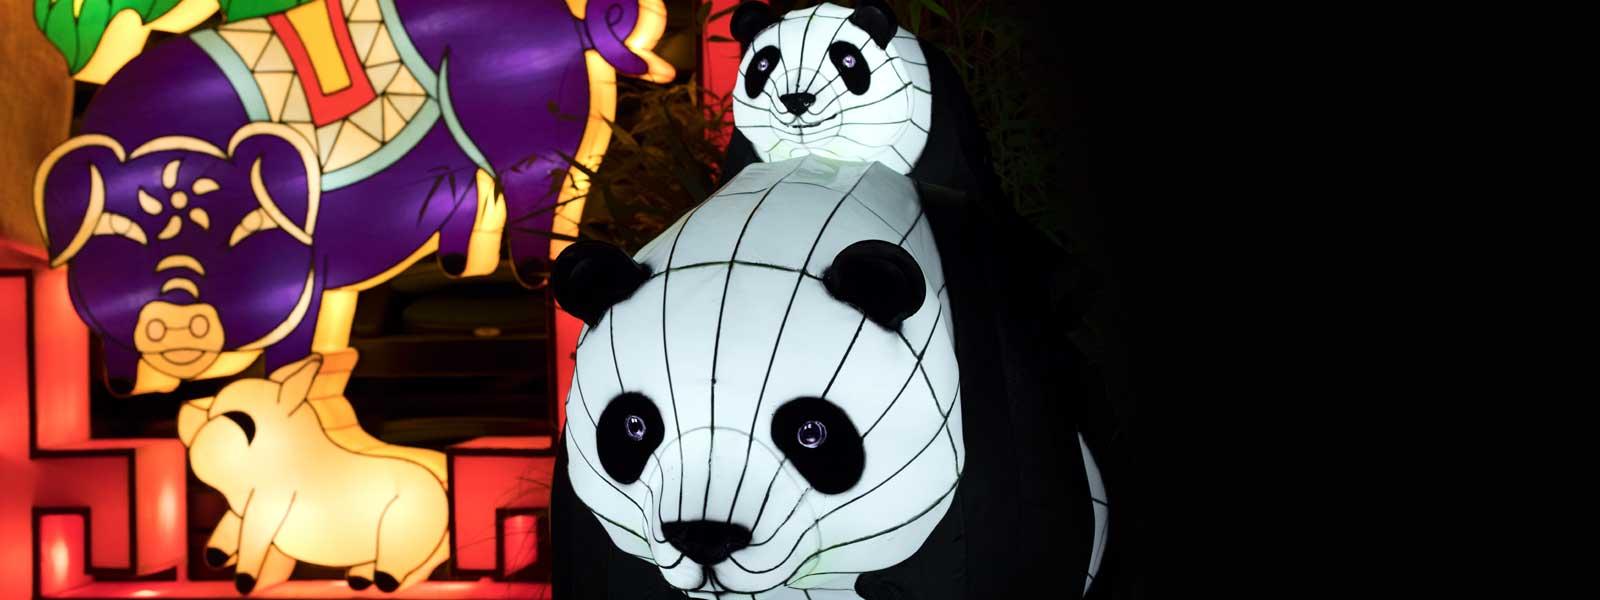 Giant Panda Lanterns